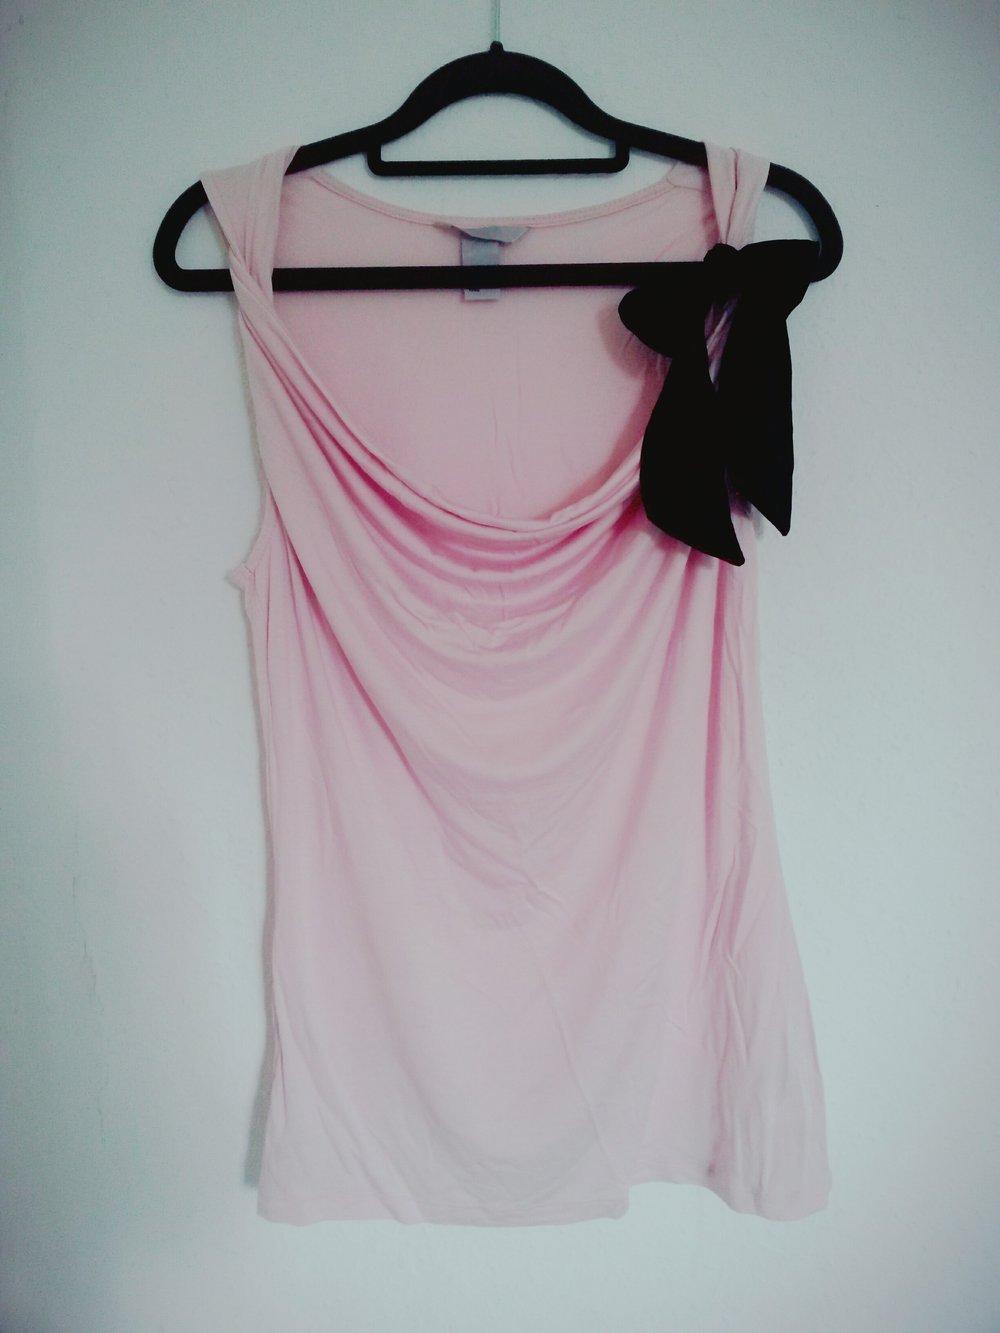 oberteil shirt top t shirt h m rosa rose. Black Bedroom Furniture Sets. Home Design Ideas